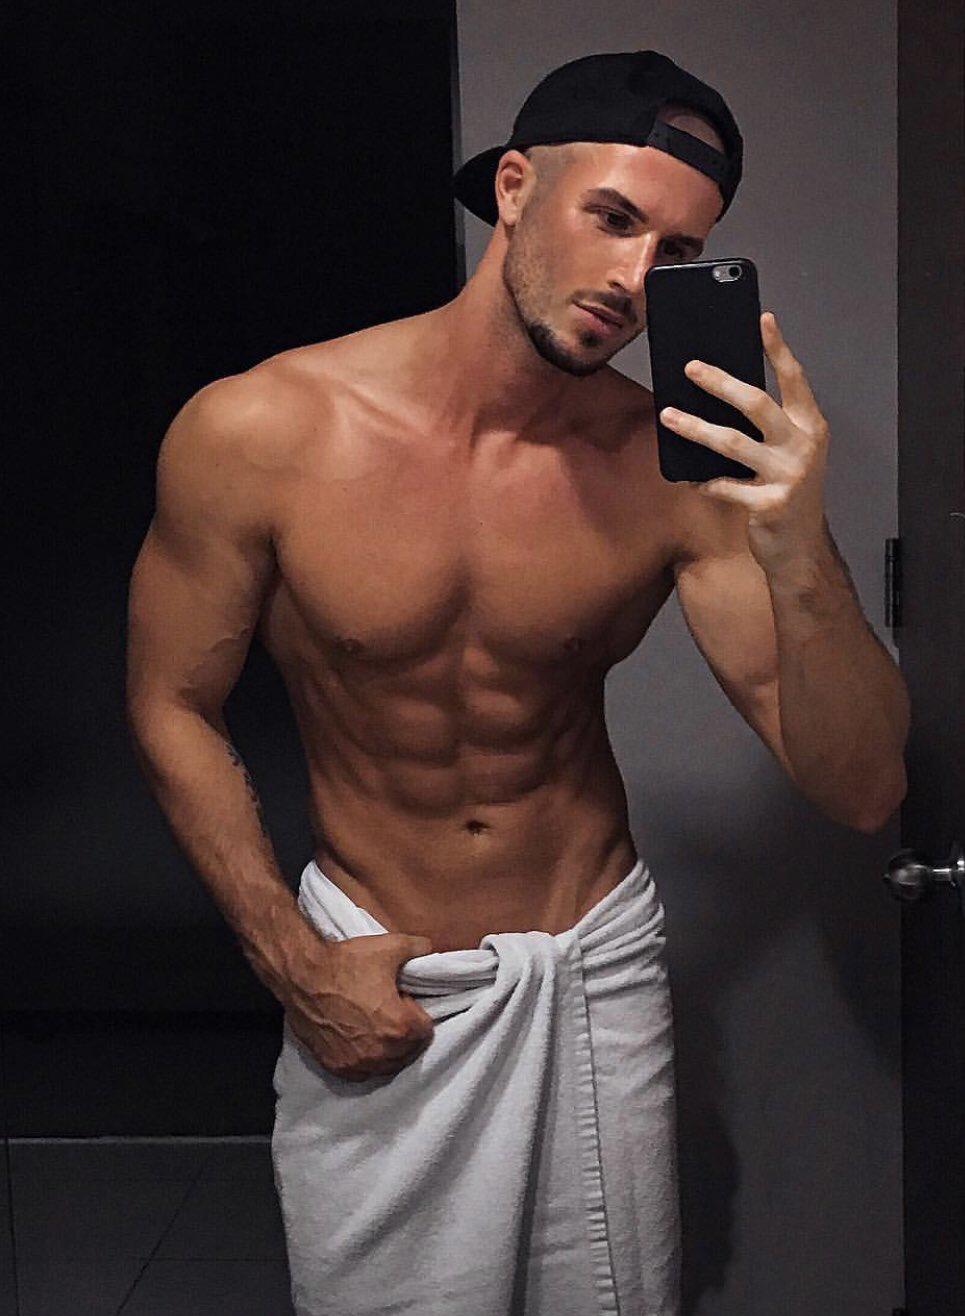 Männer nackte muskulöse Gay Muskulöse